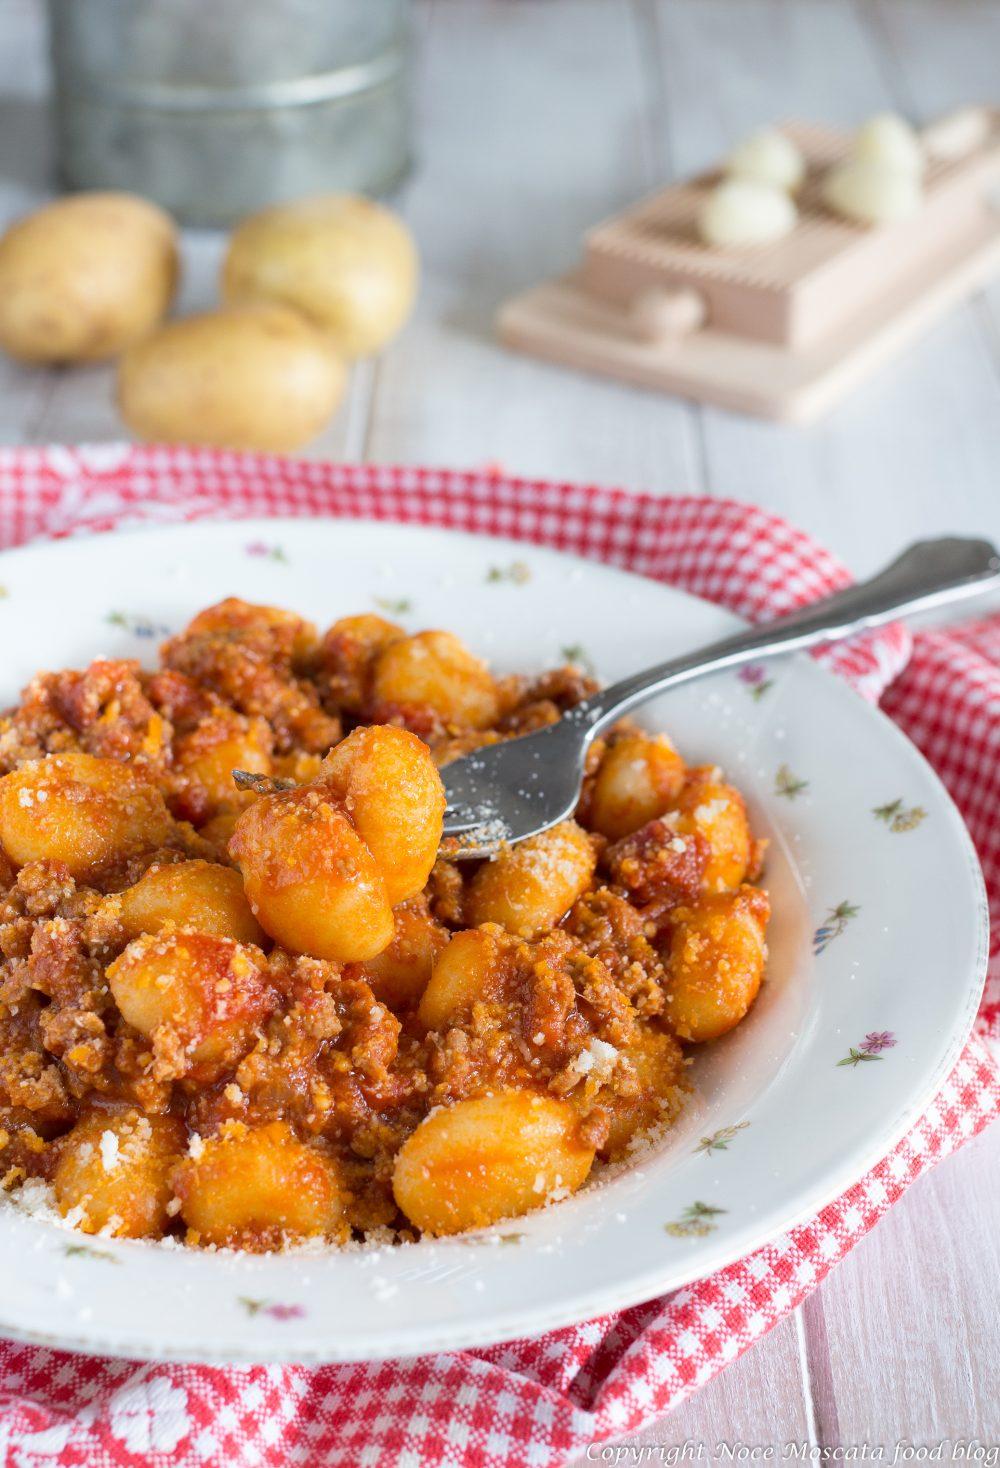 Gnocchi di patate al ragù di carne